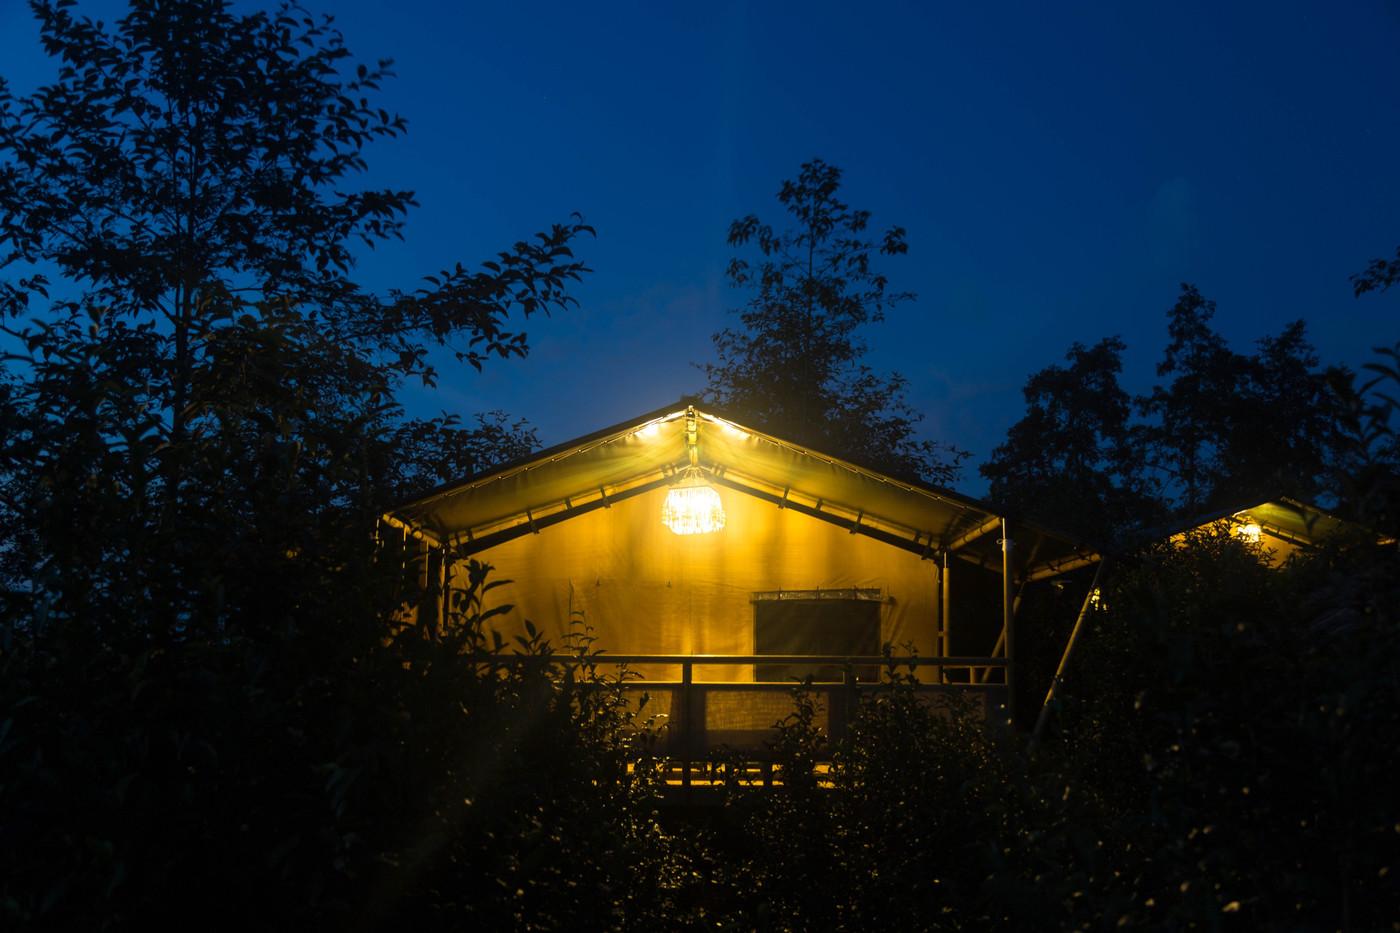 喜马拉雅野奢帐篷酒店—云南腾冲高黎贡山茶博园35